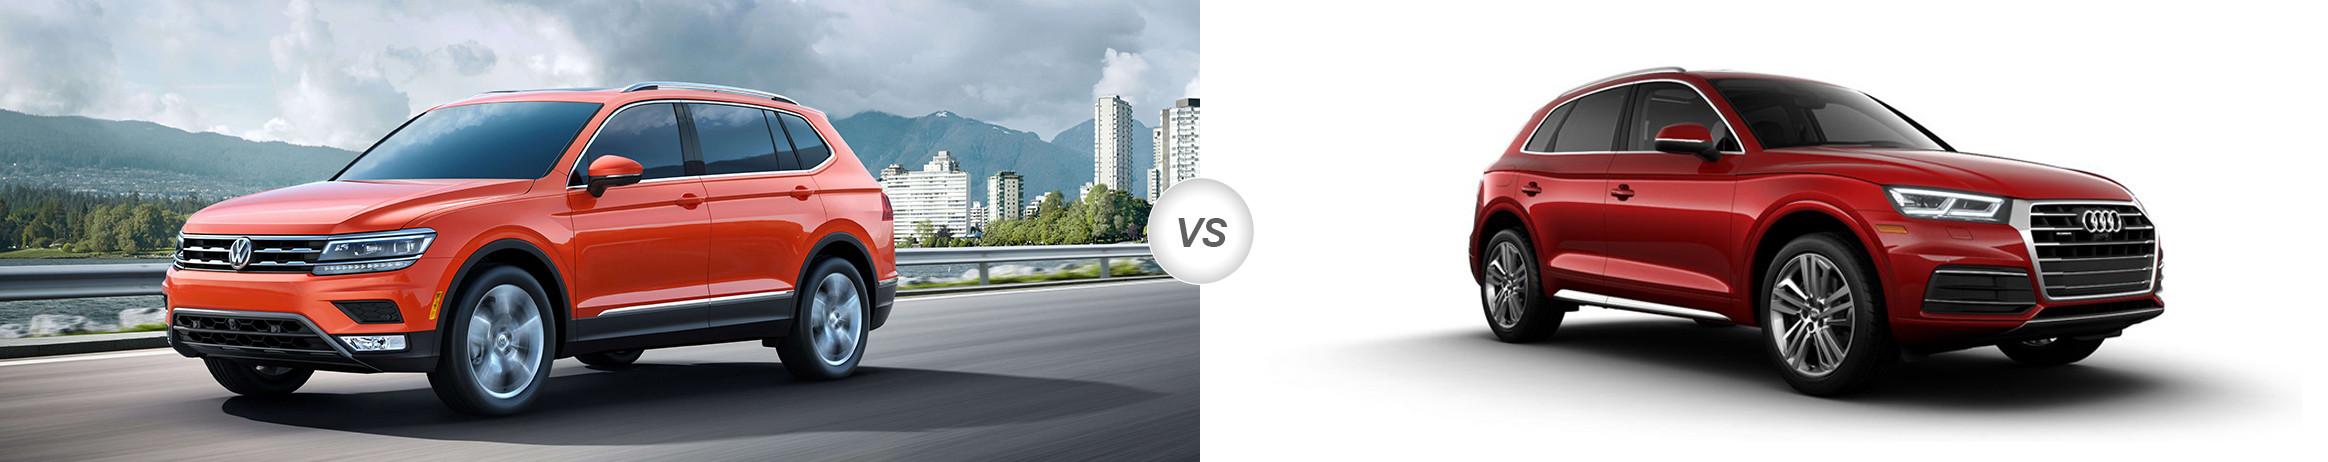 2018 Volkswagen Tiguan vs 2018 Audi Q5 | Which is Better ...